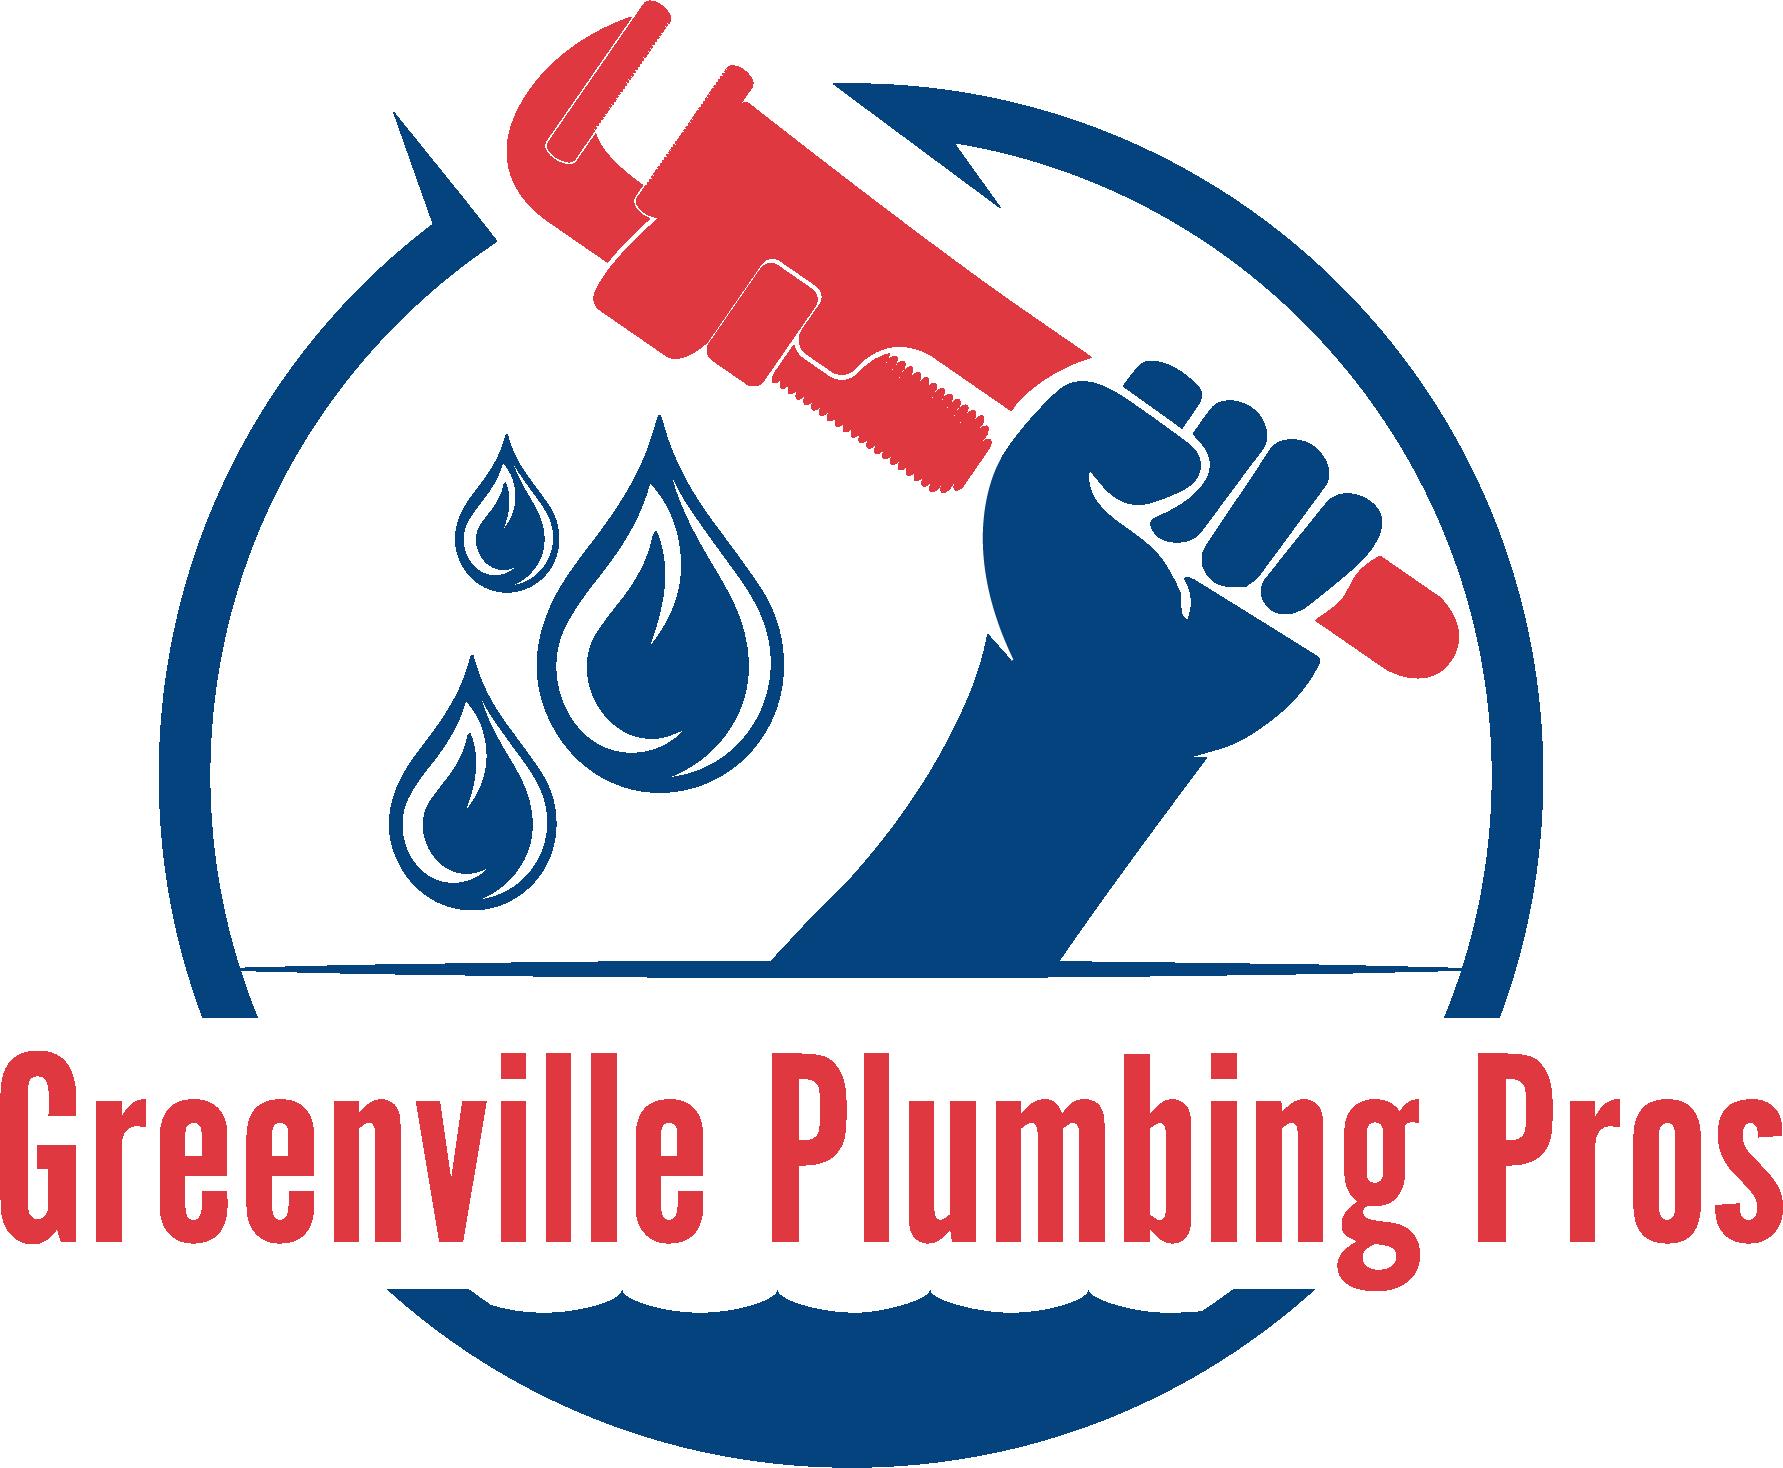 Greenville Plumbing Pros